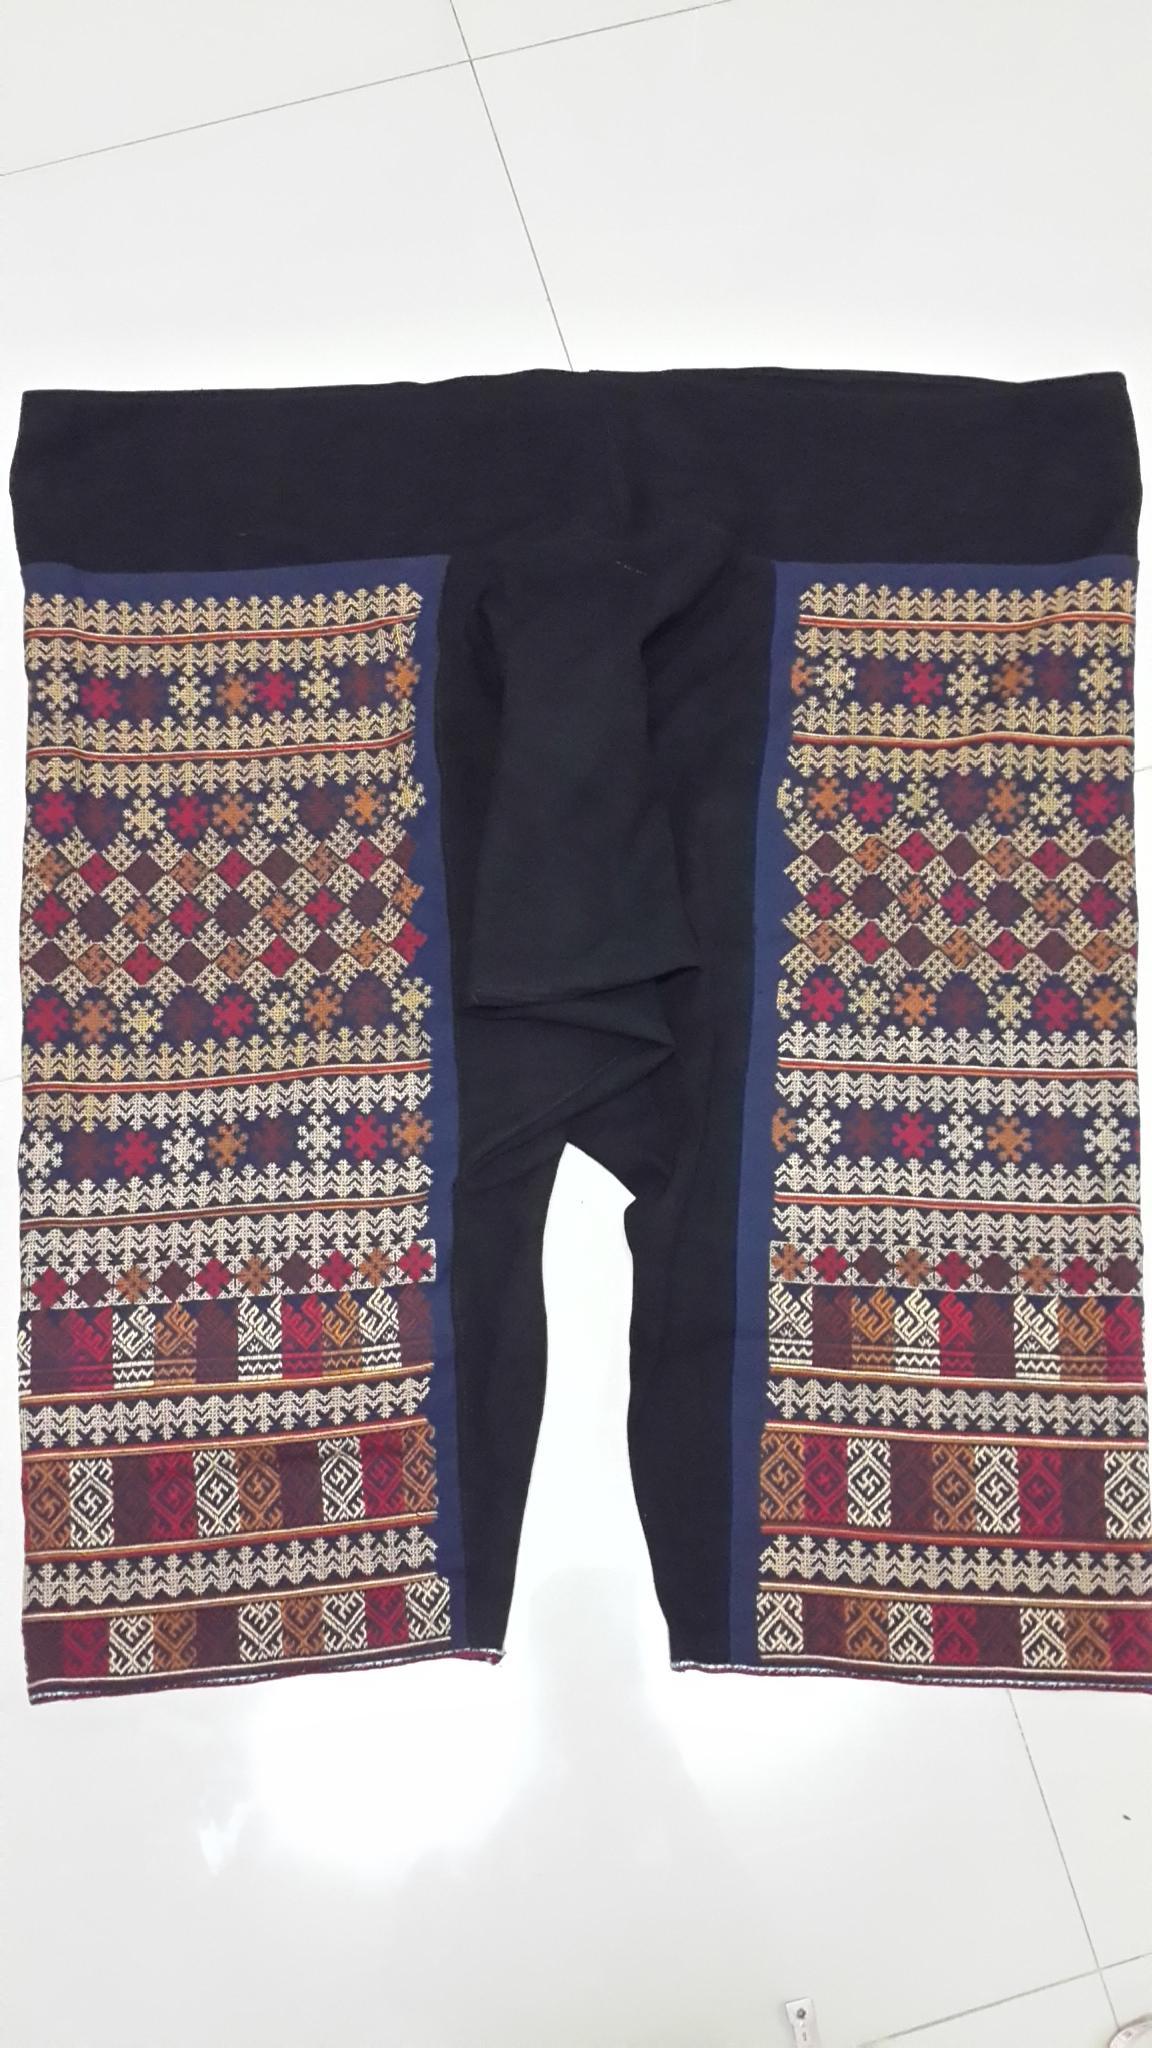 กางเกงผ้าปักมือ ลายโบราณทั้งผืน โทนสีน้ำตาลแก่ มีสายมัดเอว